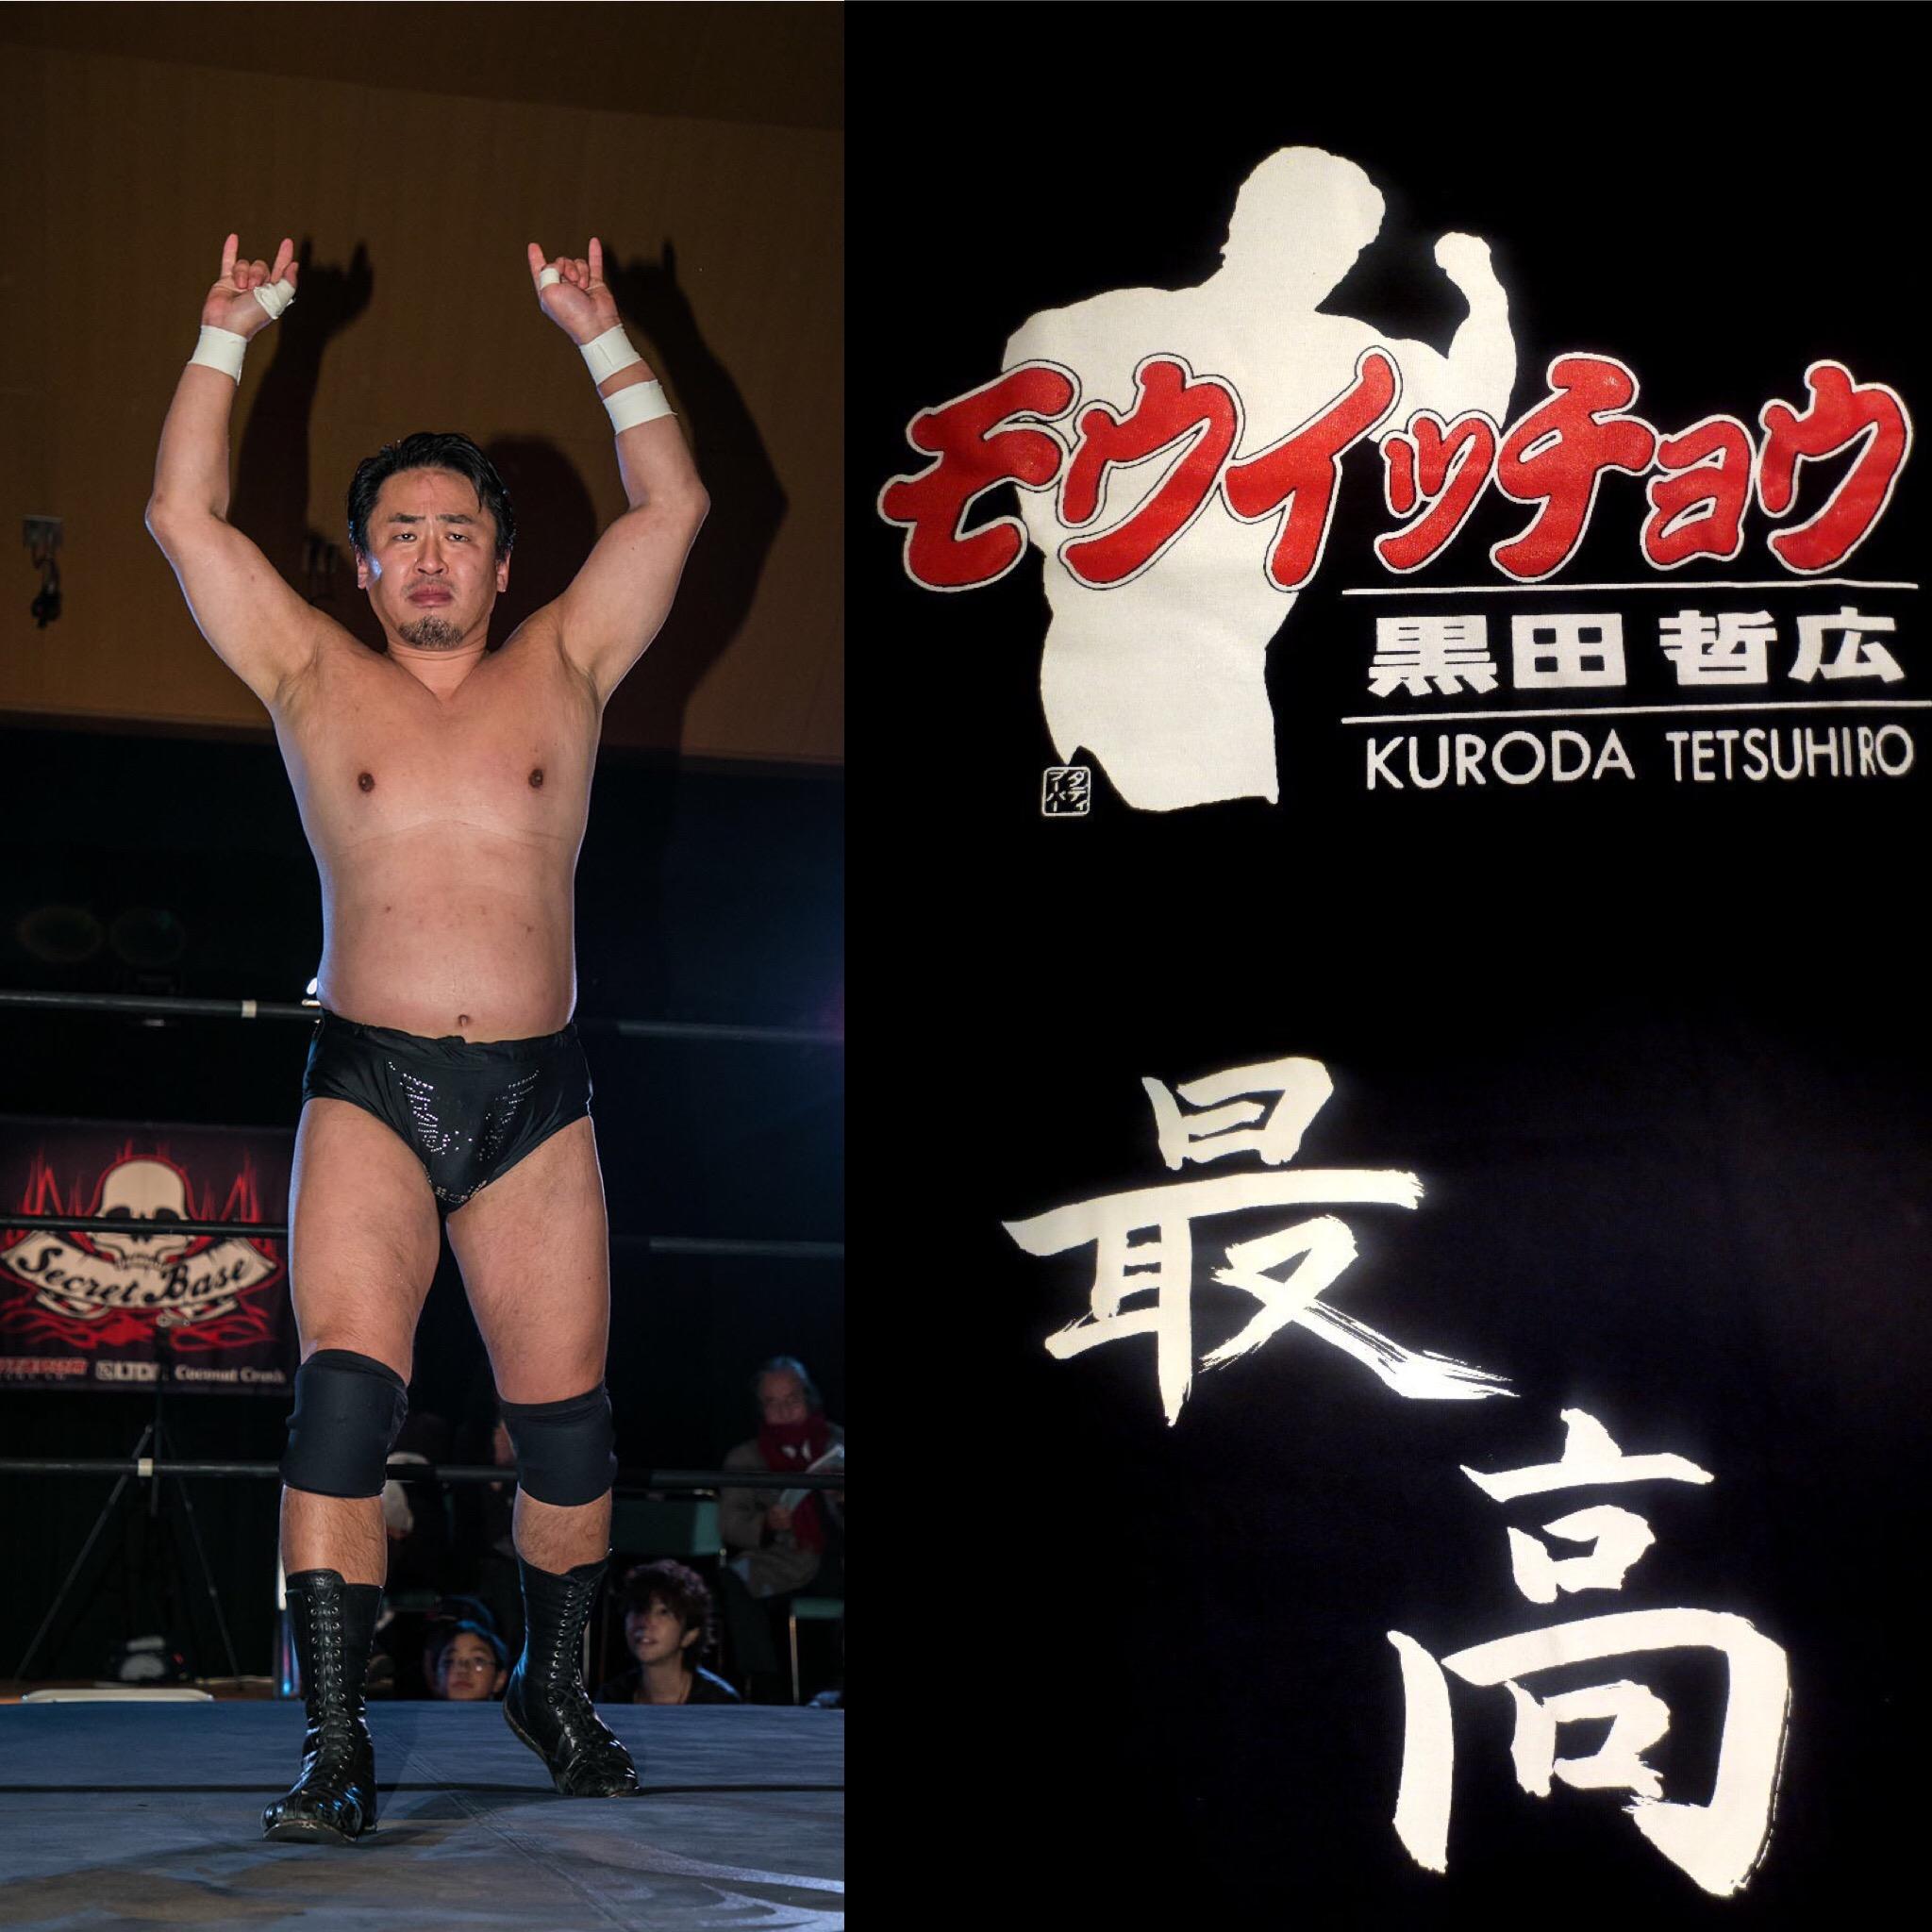 黒田哲広選手Tシャツの通信販売を開始します!